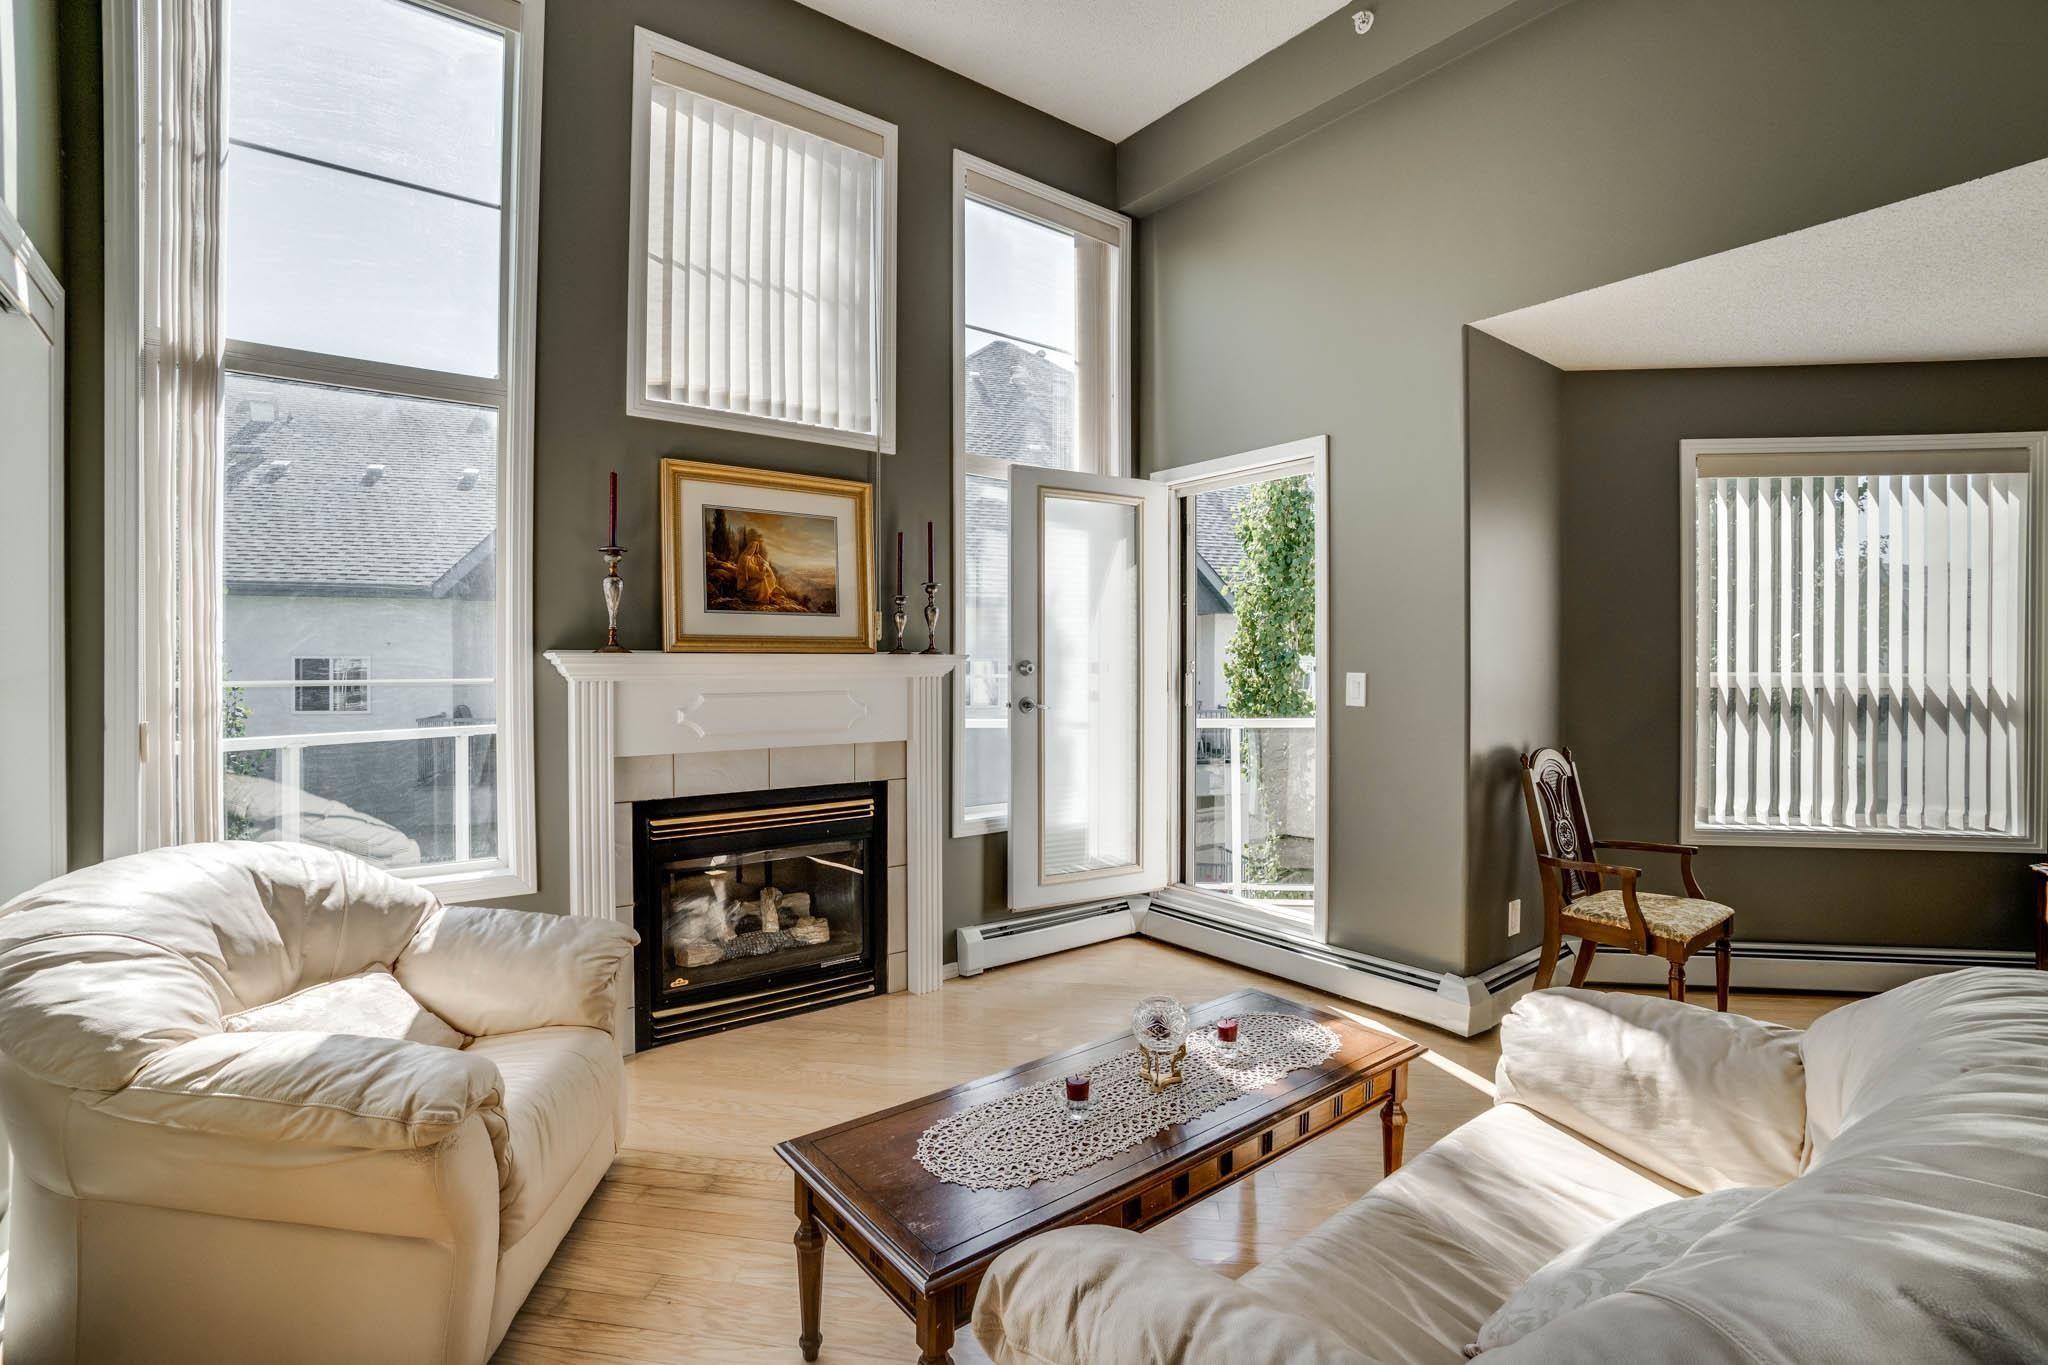 Main Photo: 417 9730 174 Street in Edmonton: Zone 20 Condo for sale : MLS®# E4262265